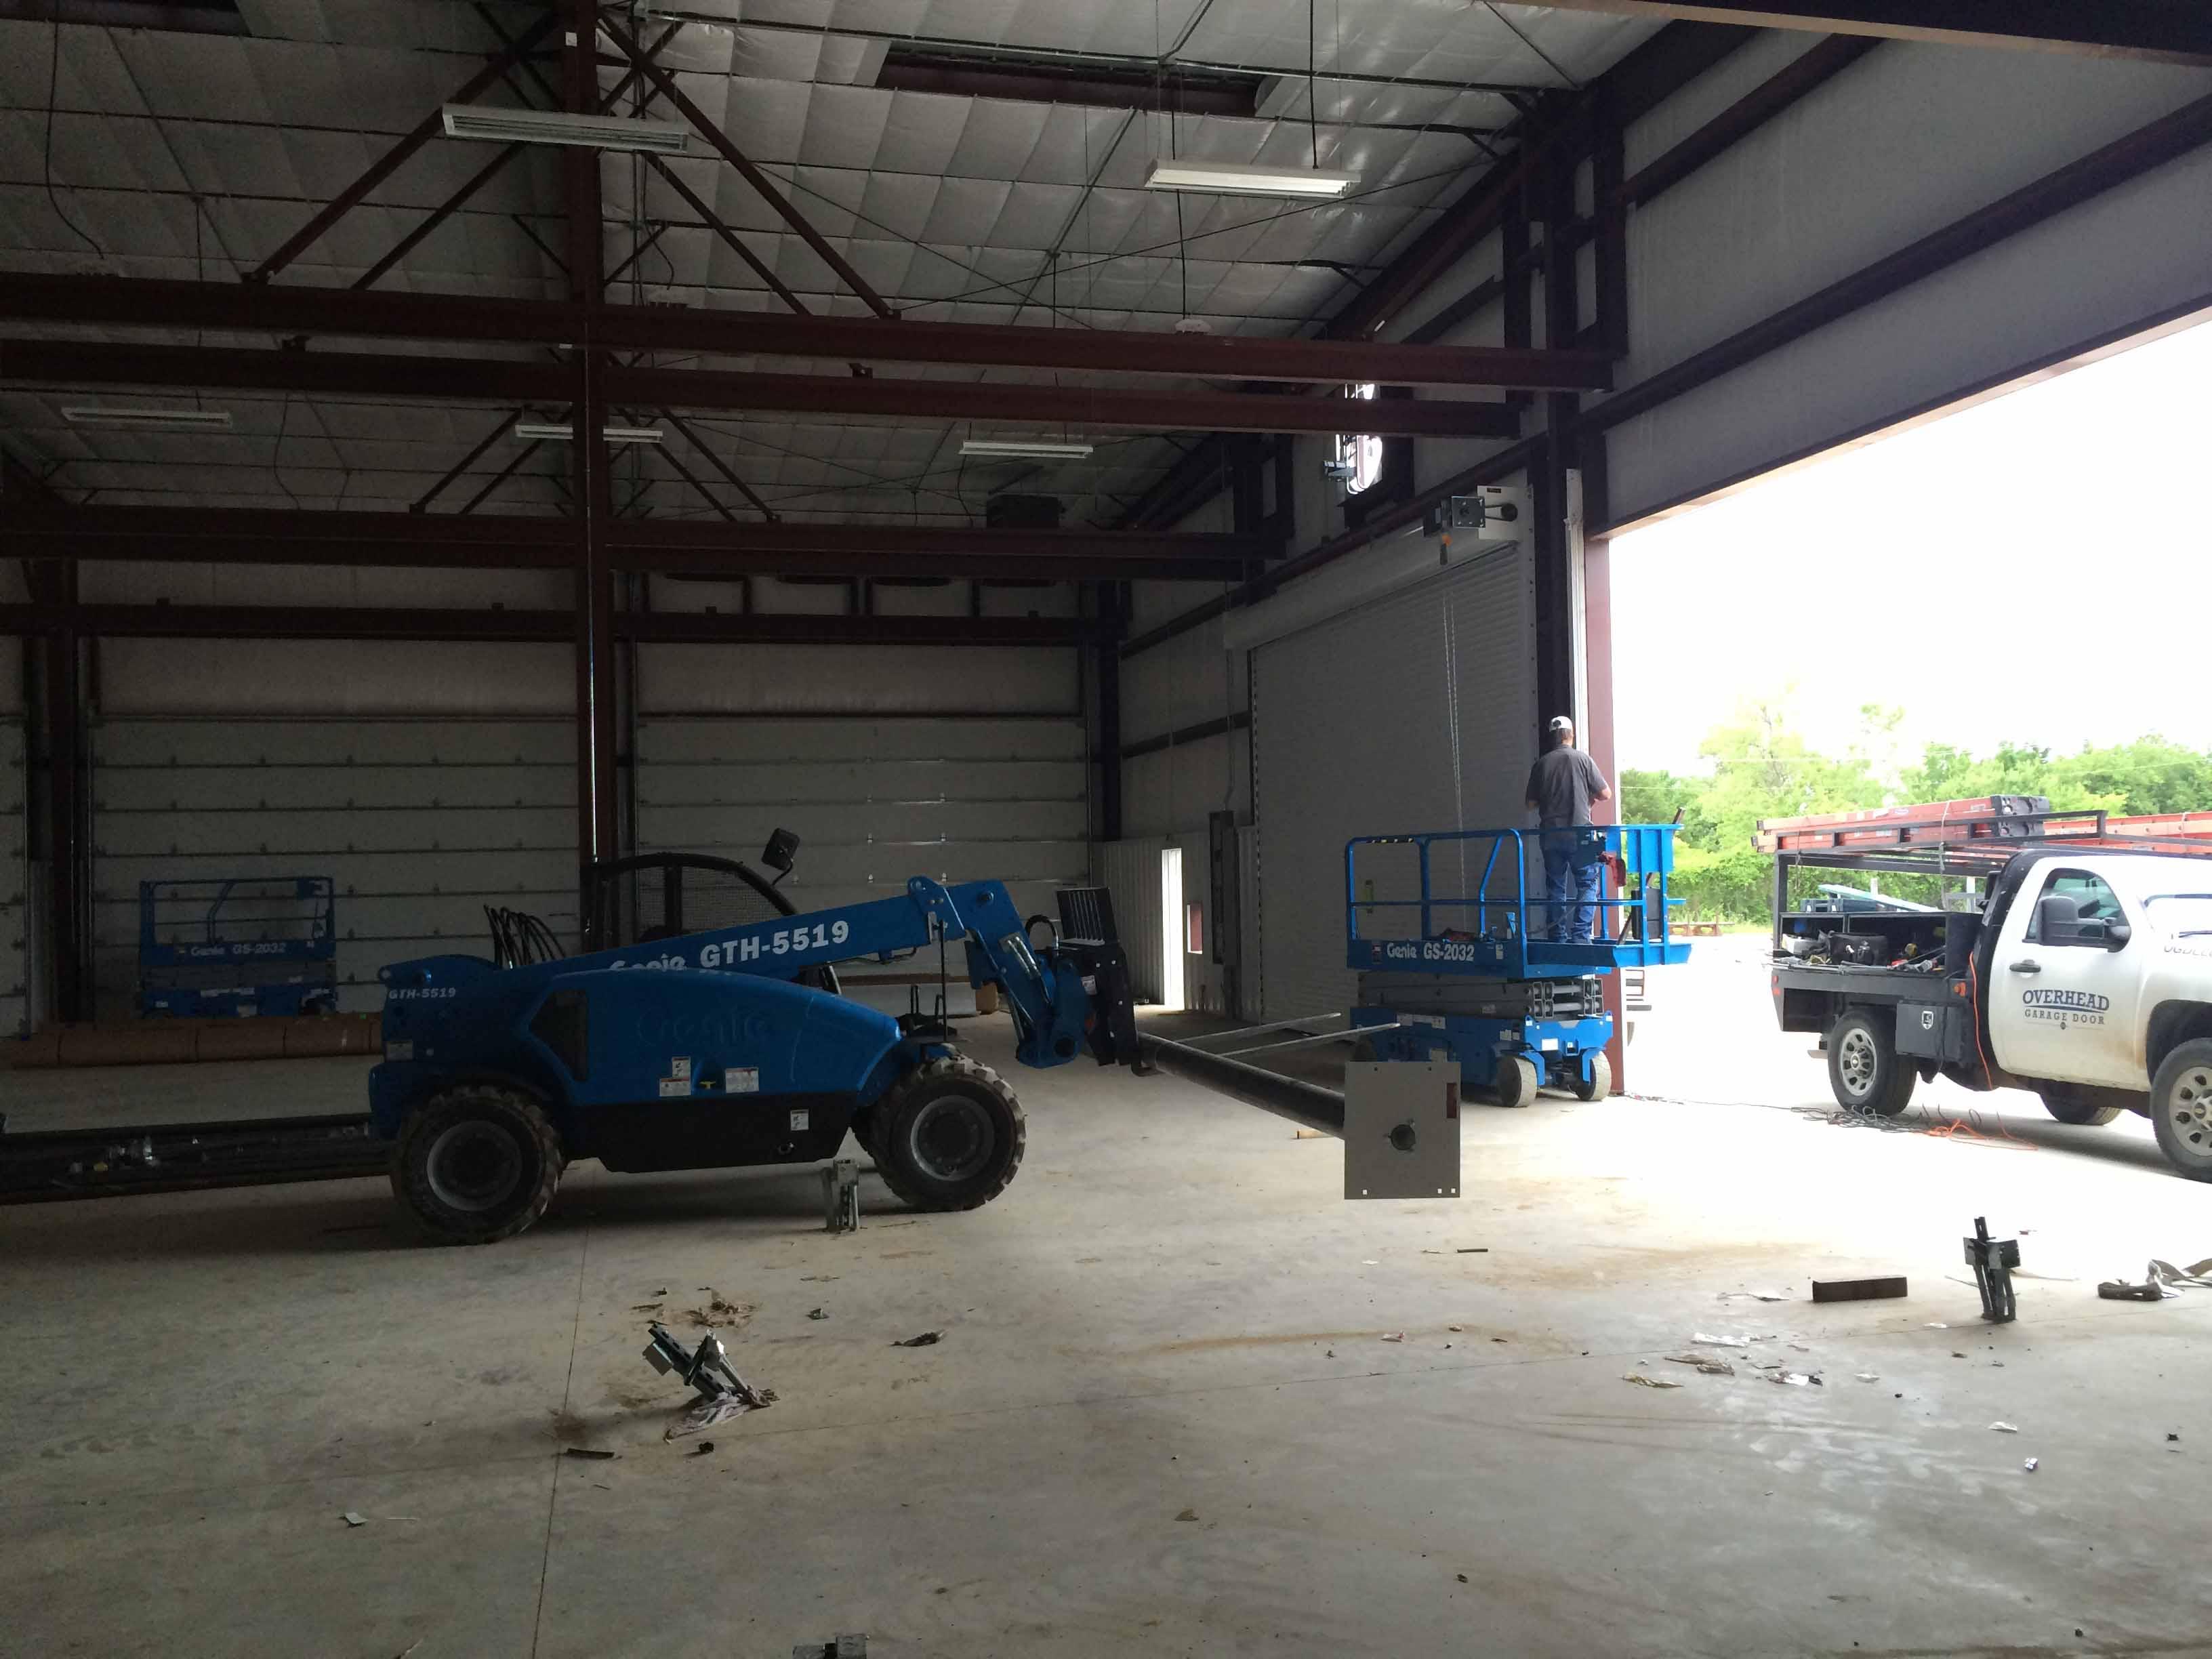 overhead-garage-door-commercial-garage-door-repair